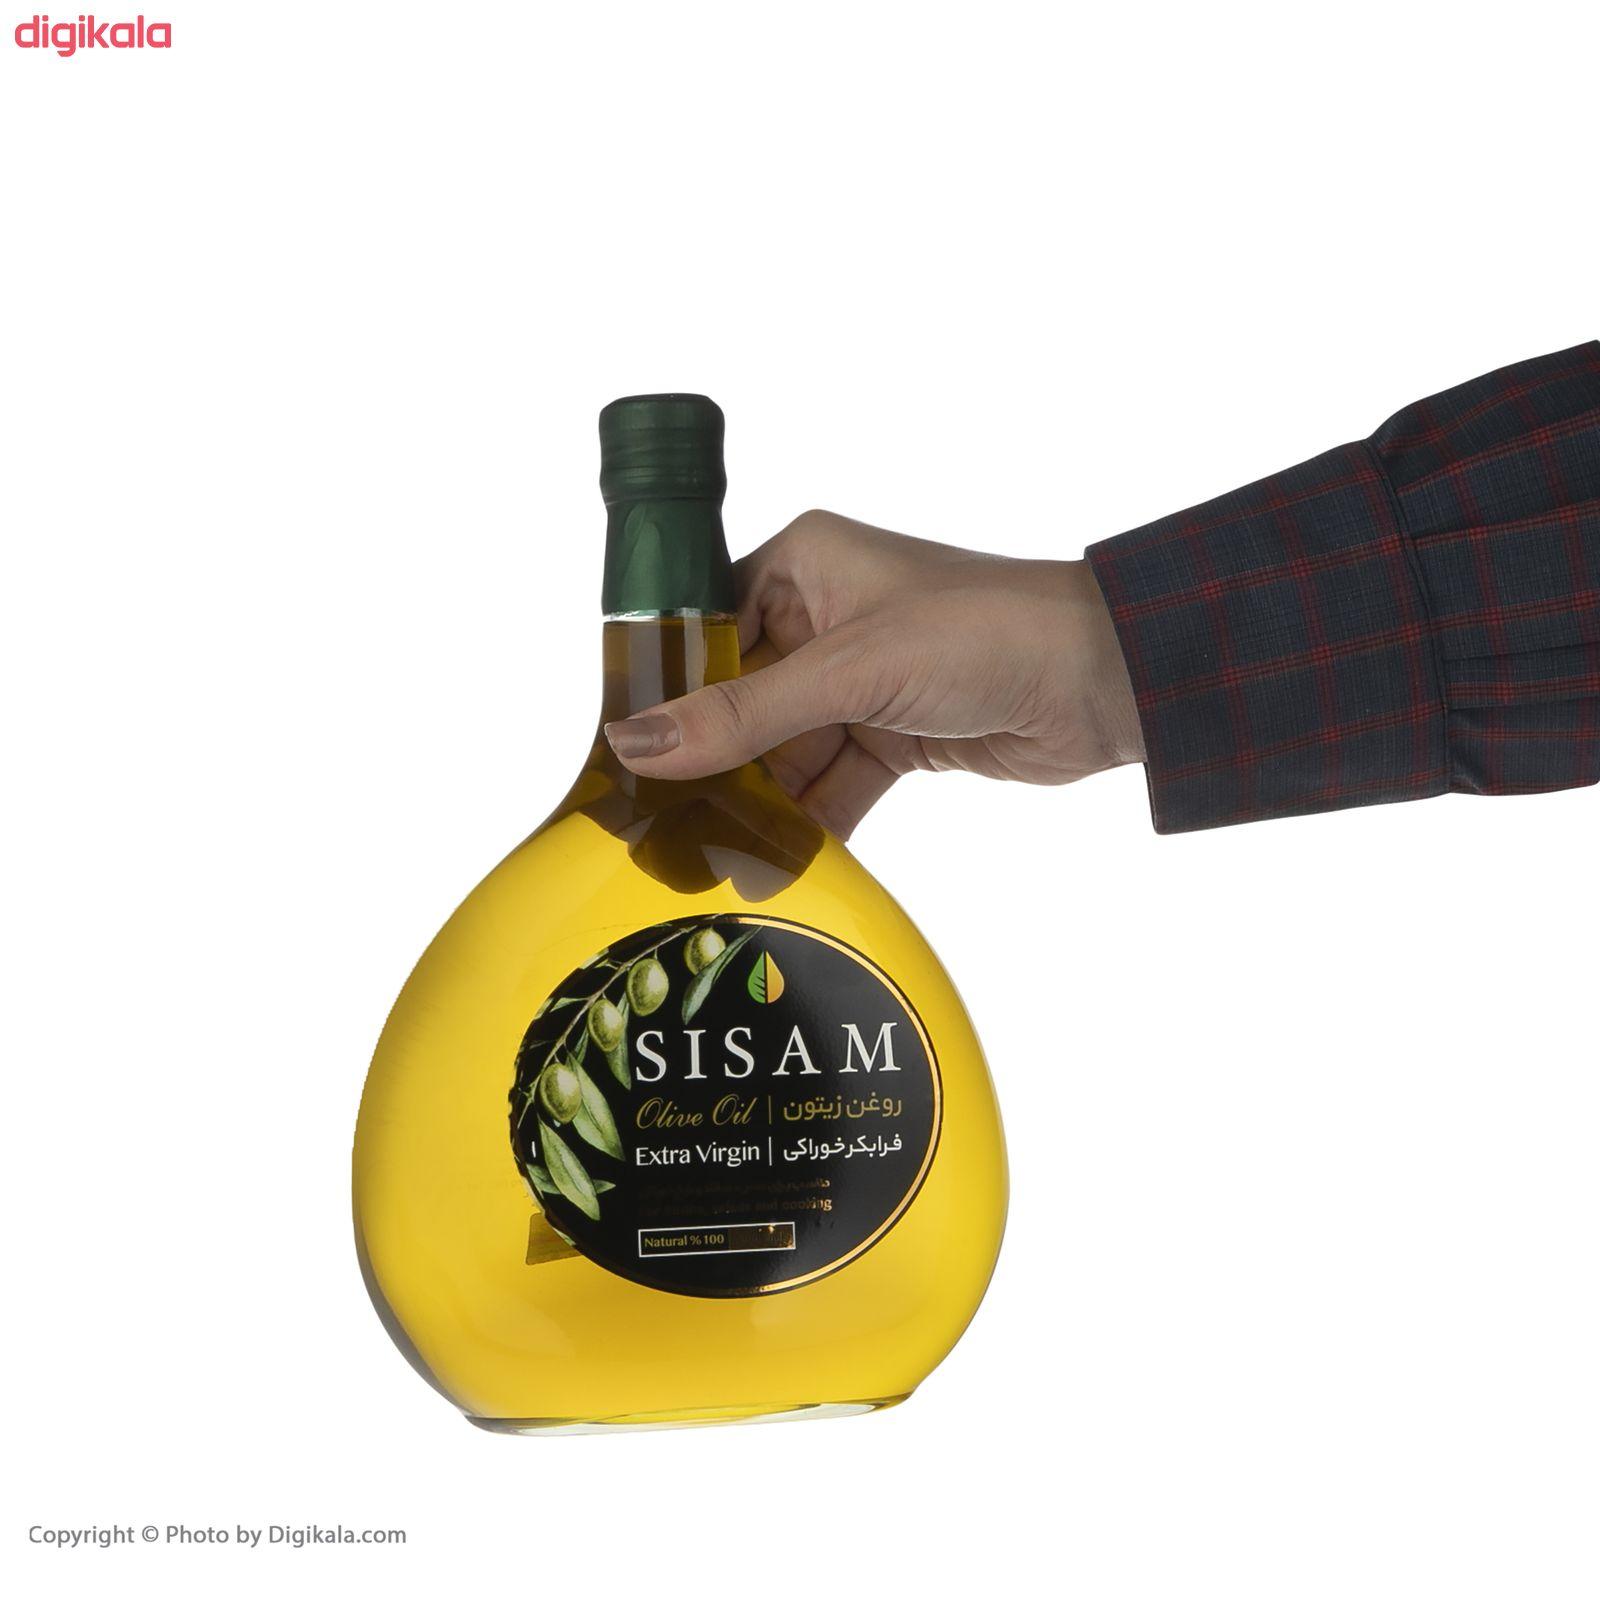 روغن زیتون فرابکر سی سام - 1 لیتر  main 1 3